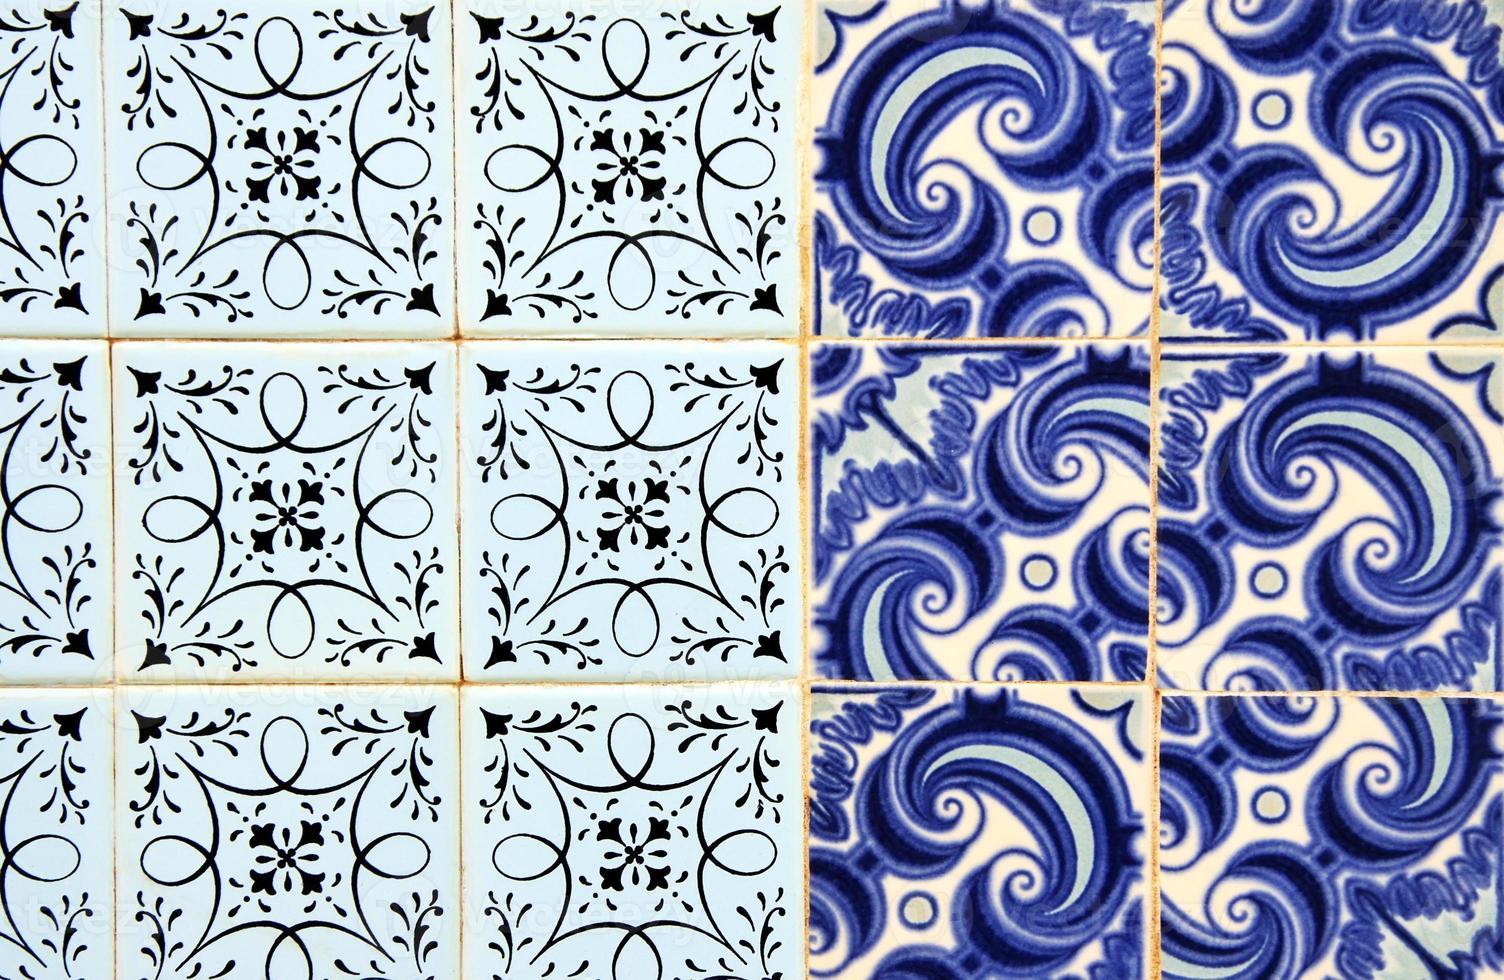 portuguese tiles (Azulejos) at a facade in Olhao, Algarve photo